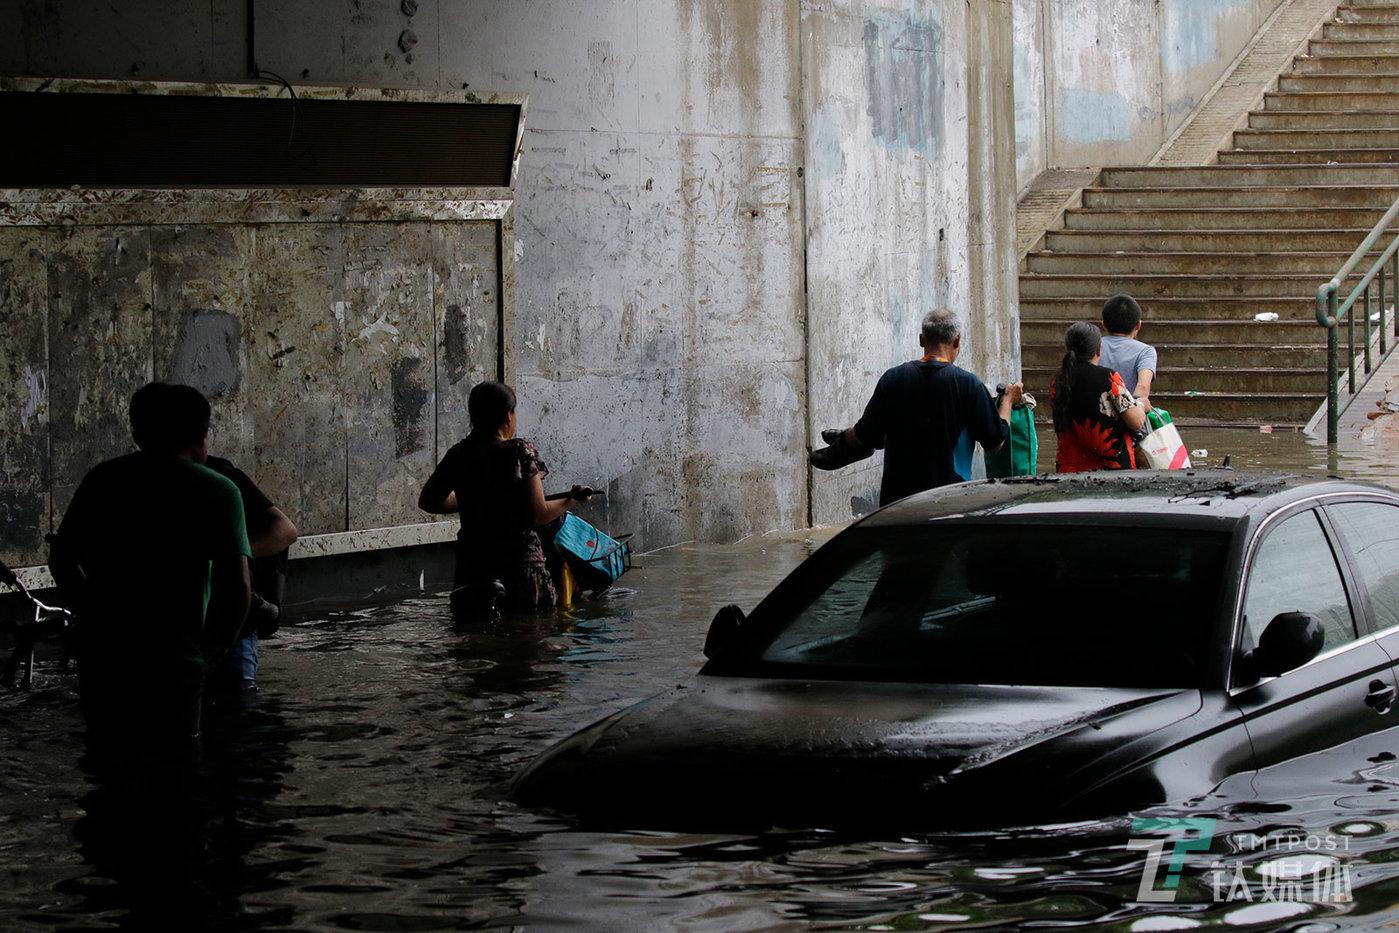 【蹚水】7月16日,北京昌平区回龙观育知东路城铁桥下,强降雨后形成了最深超两米的积水,行人涉险蹚水穿过桥下的人行道。